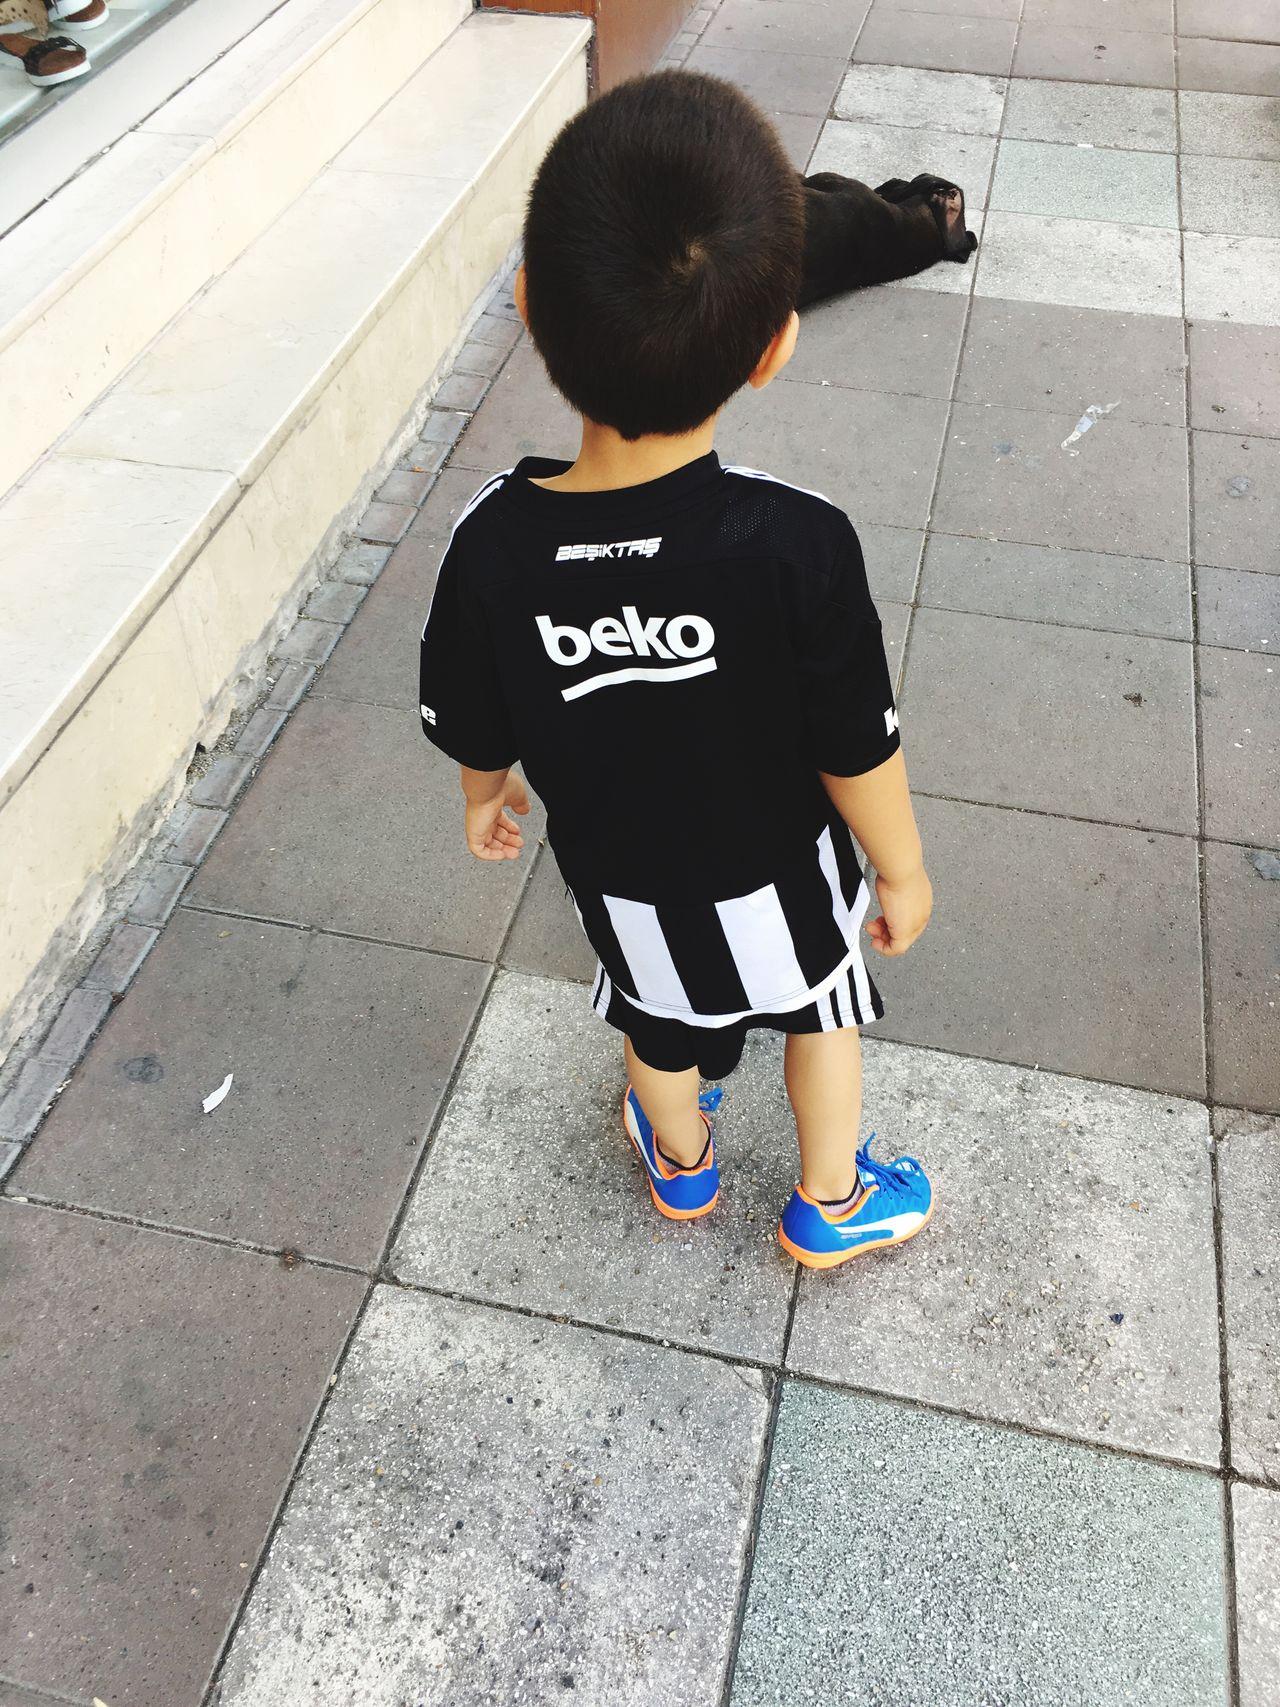 Beko Beşiktaş Beşiktaşk Besiktas Beşiktaş ❤ Formandaterolmayageldik